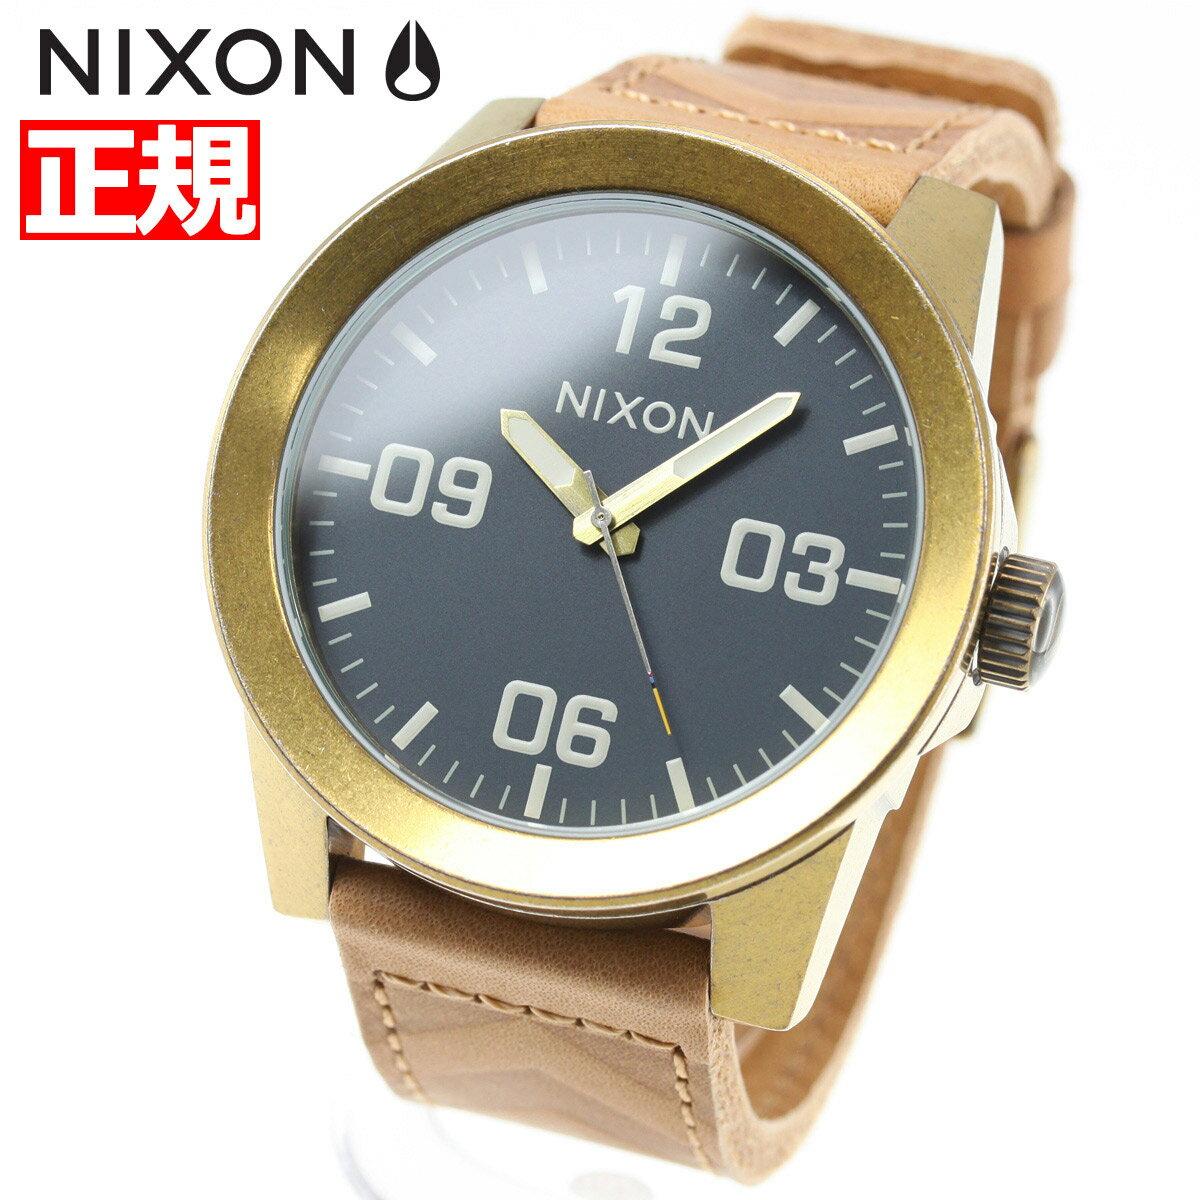 先着!最大9万円OFFクーポン付!+ポイント最大35倍は15日23時59分まで!ニクソン NIXON コーポラル CORPORAL 腕時計 メンズ ブラス/ネイビー/ヒッコリー NA2432731-00